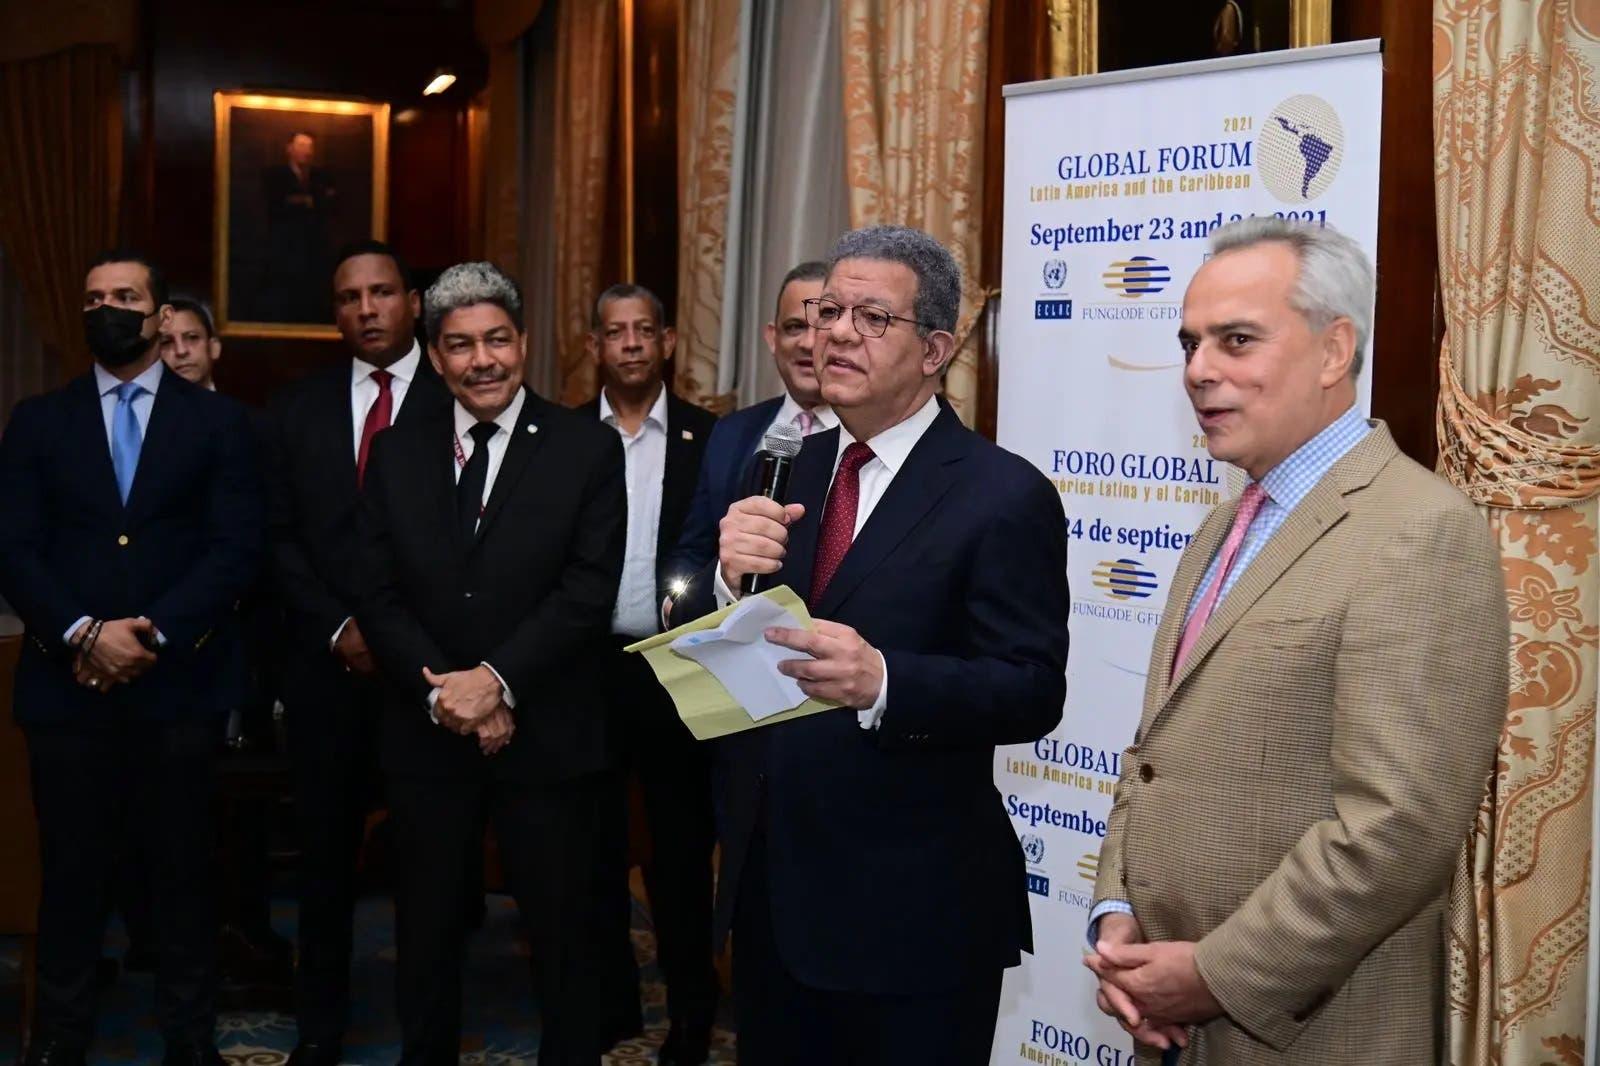 Leonel Fernández reitera su oposición a una posible reforma constitucional en RD